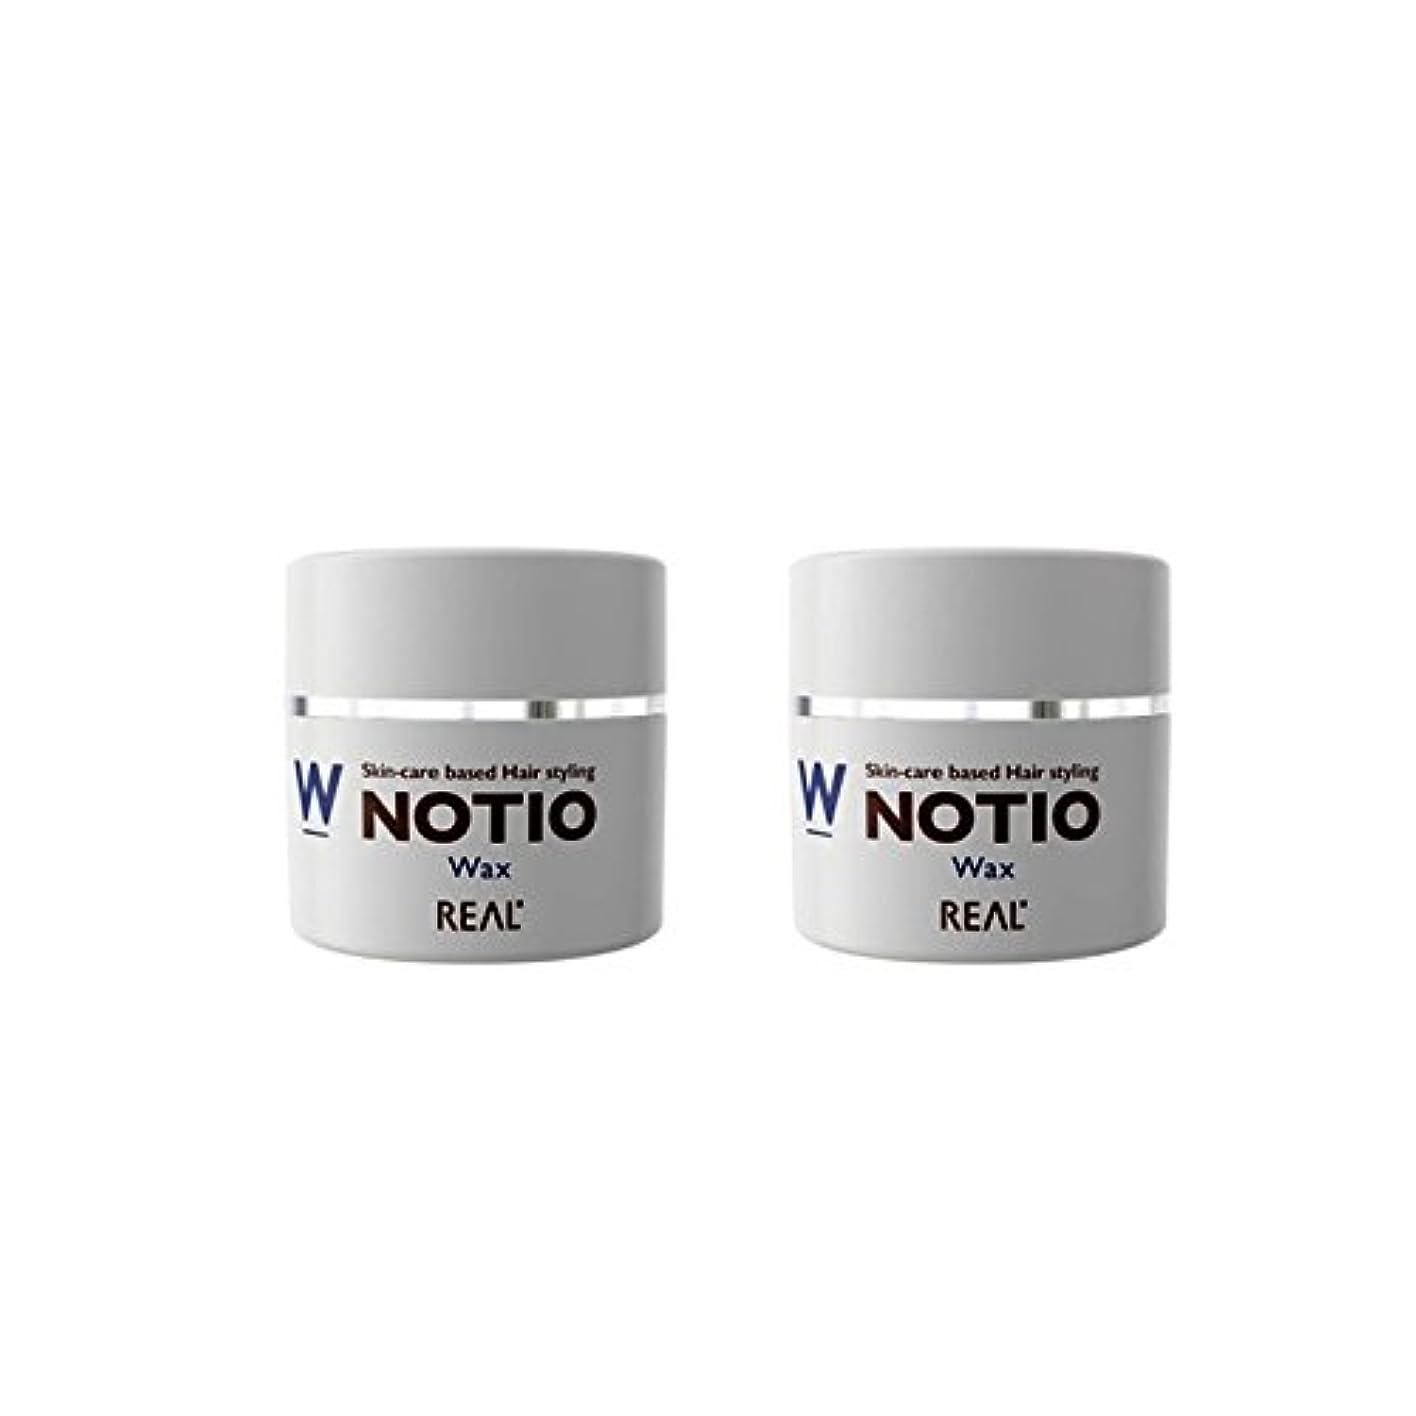 ナラーバーライブ星【2個セット】NOTIO Wax ノティオ ワックス ( ヘアスタイリング?ハンドクリーム ) 45g